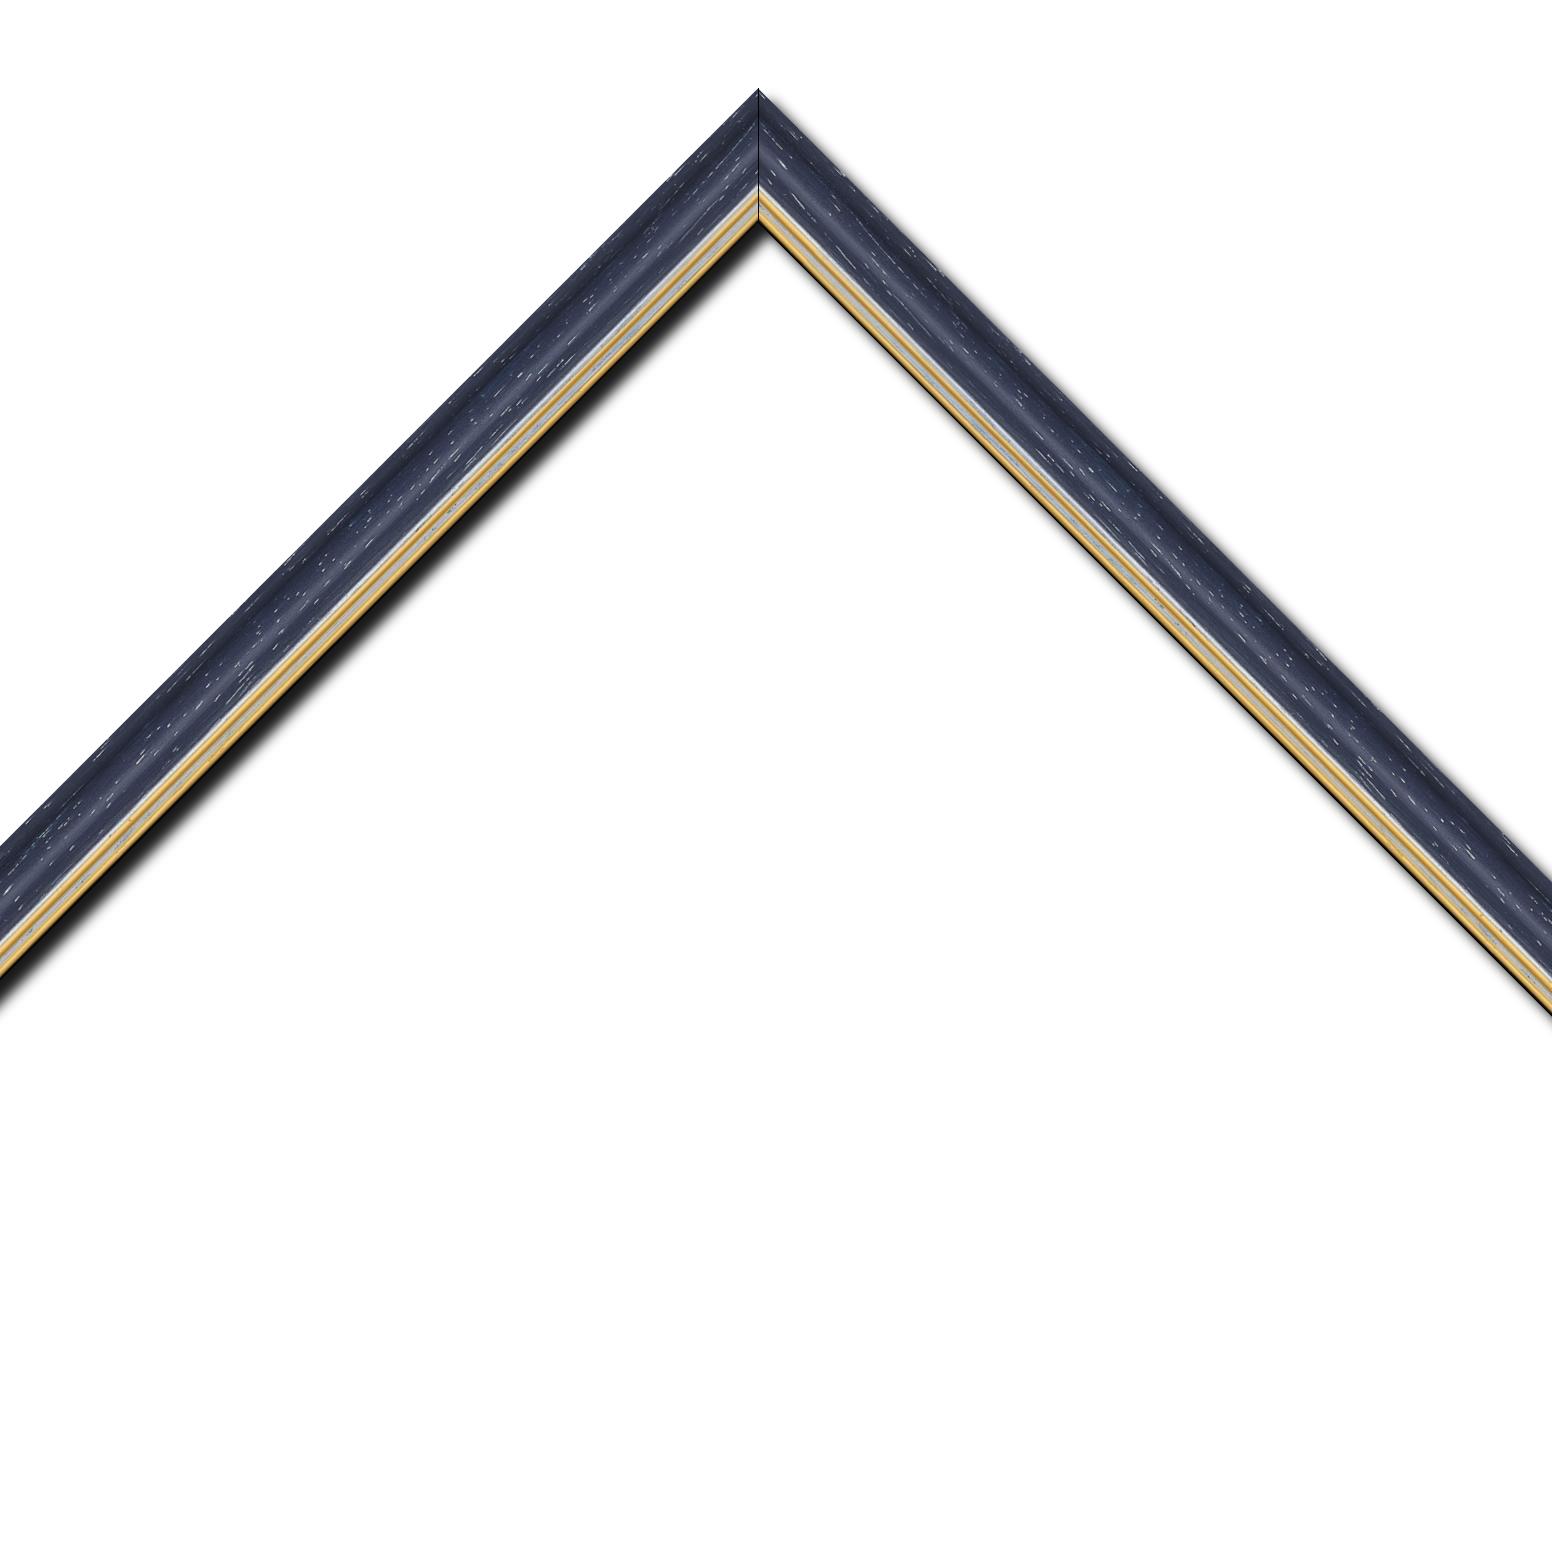 Baguette bois profil doucine inversée largeur 2.3cm noir anthracite cérusé double filet or